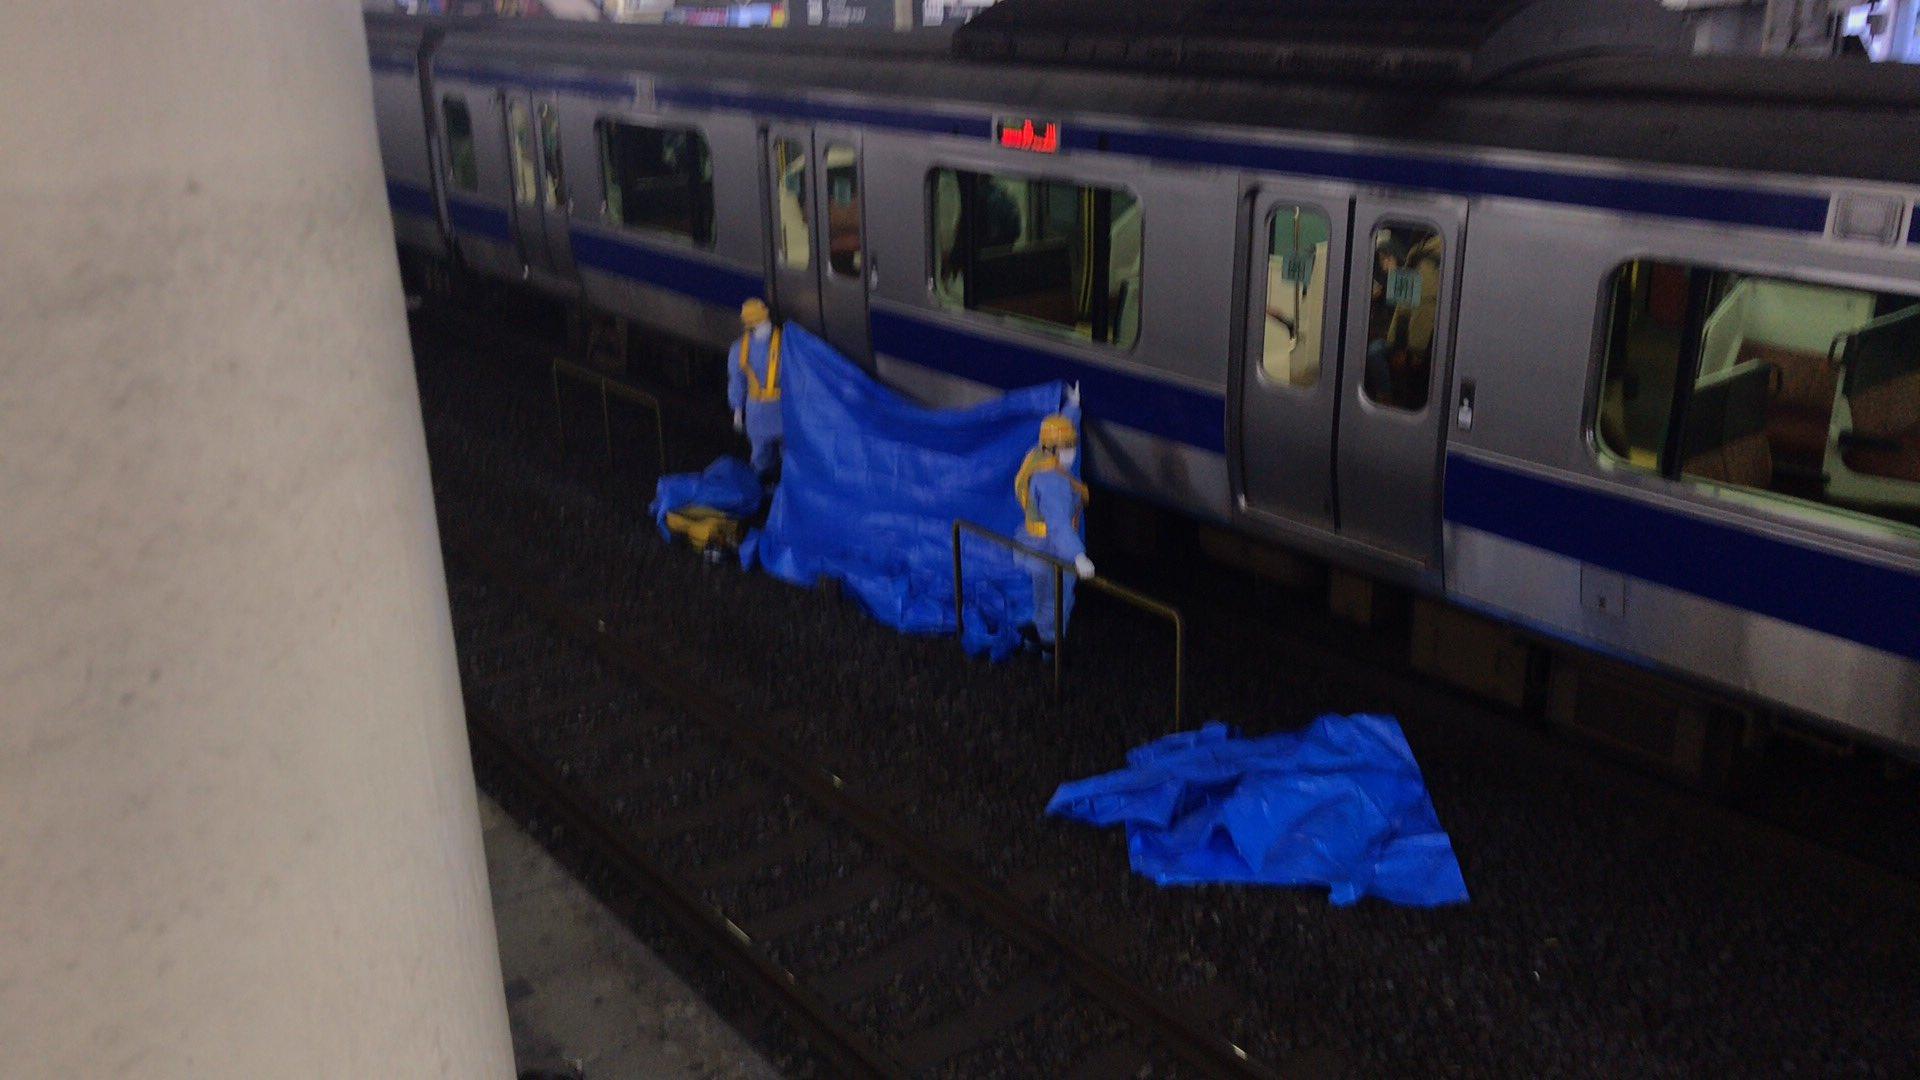 常磐線の柏駅で飛び込み自殺の人身事故の現場画像